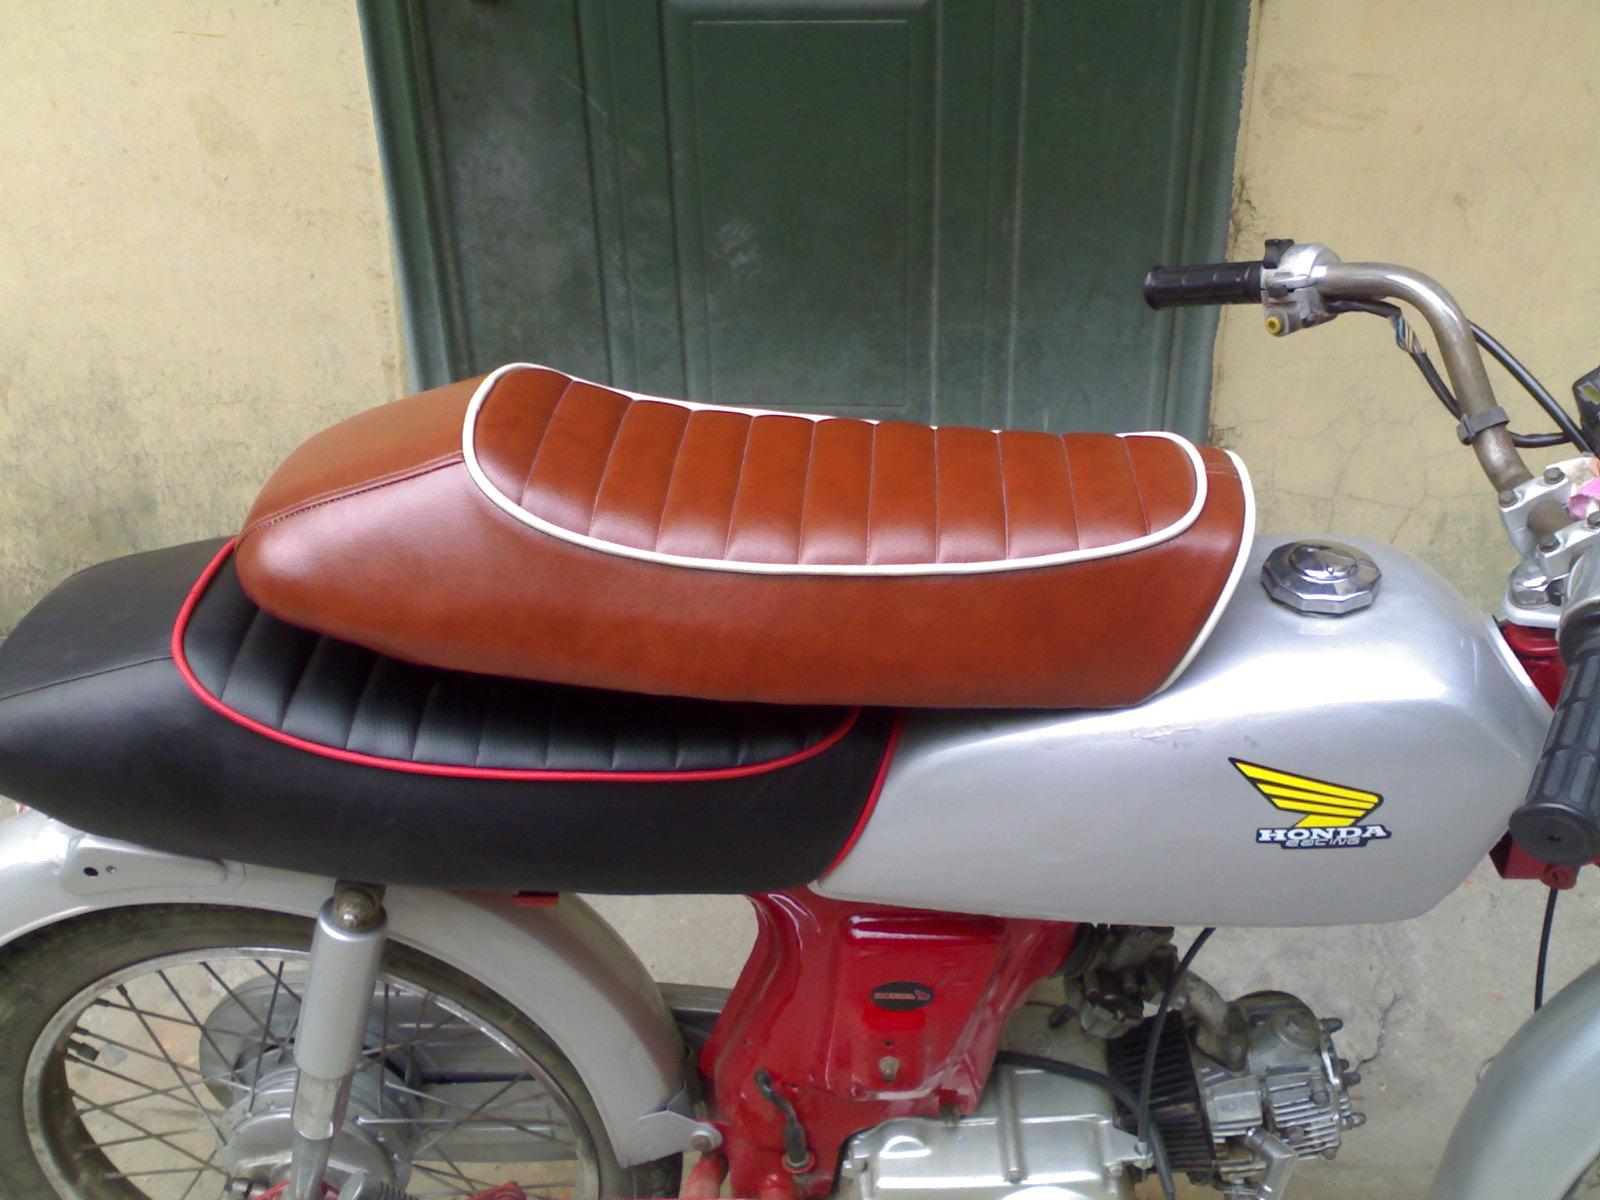 Квадроцикл Цзялин 70 старинных Caterpillar jh70 подушка коричневый коричневый место продажи